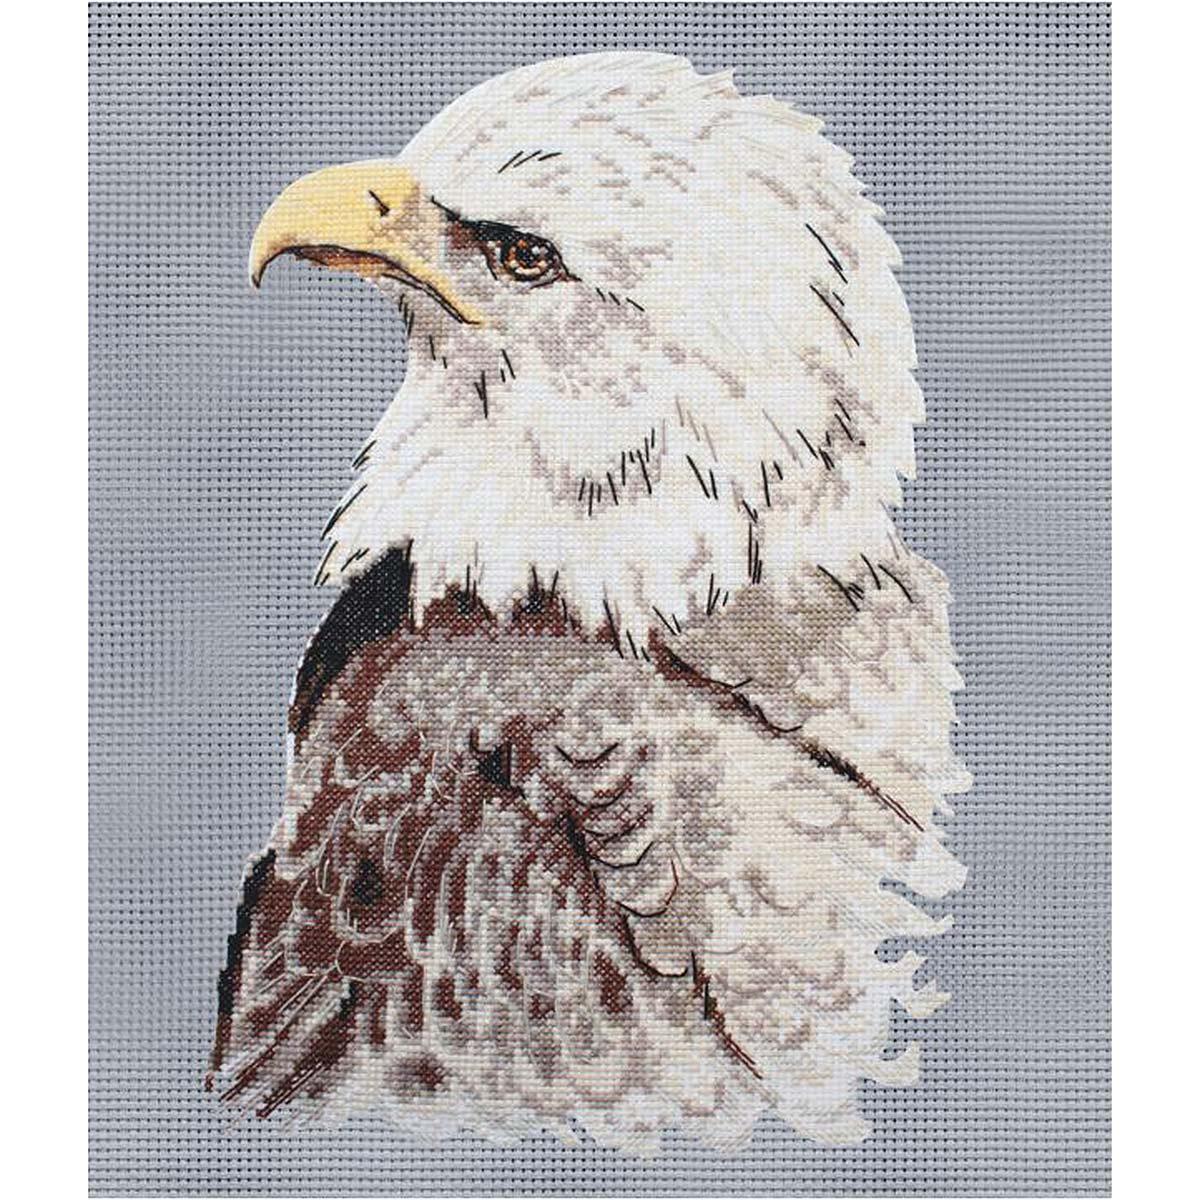 955 Набор для вышивания Hobby&Pro 'Гордый орел' 32*32см